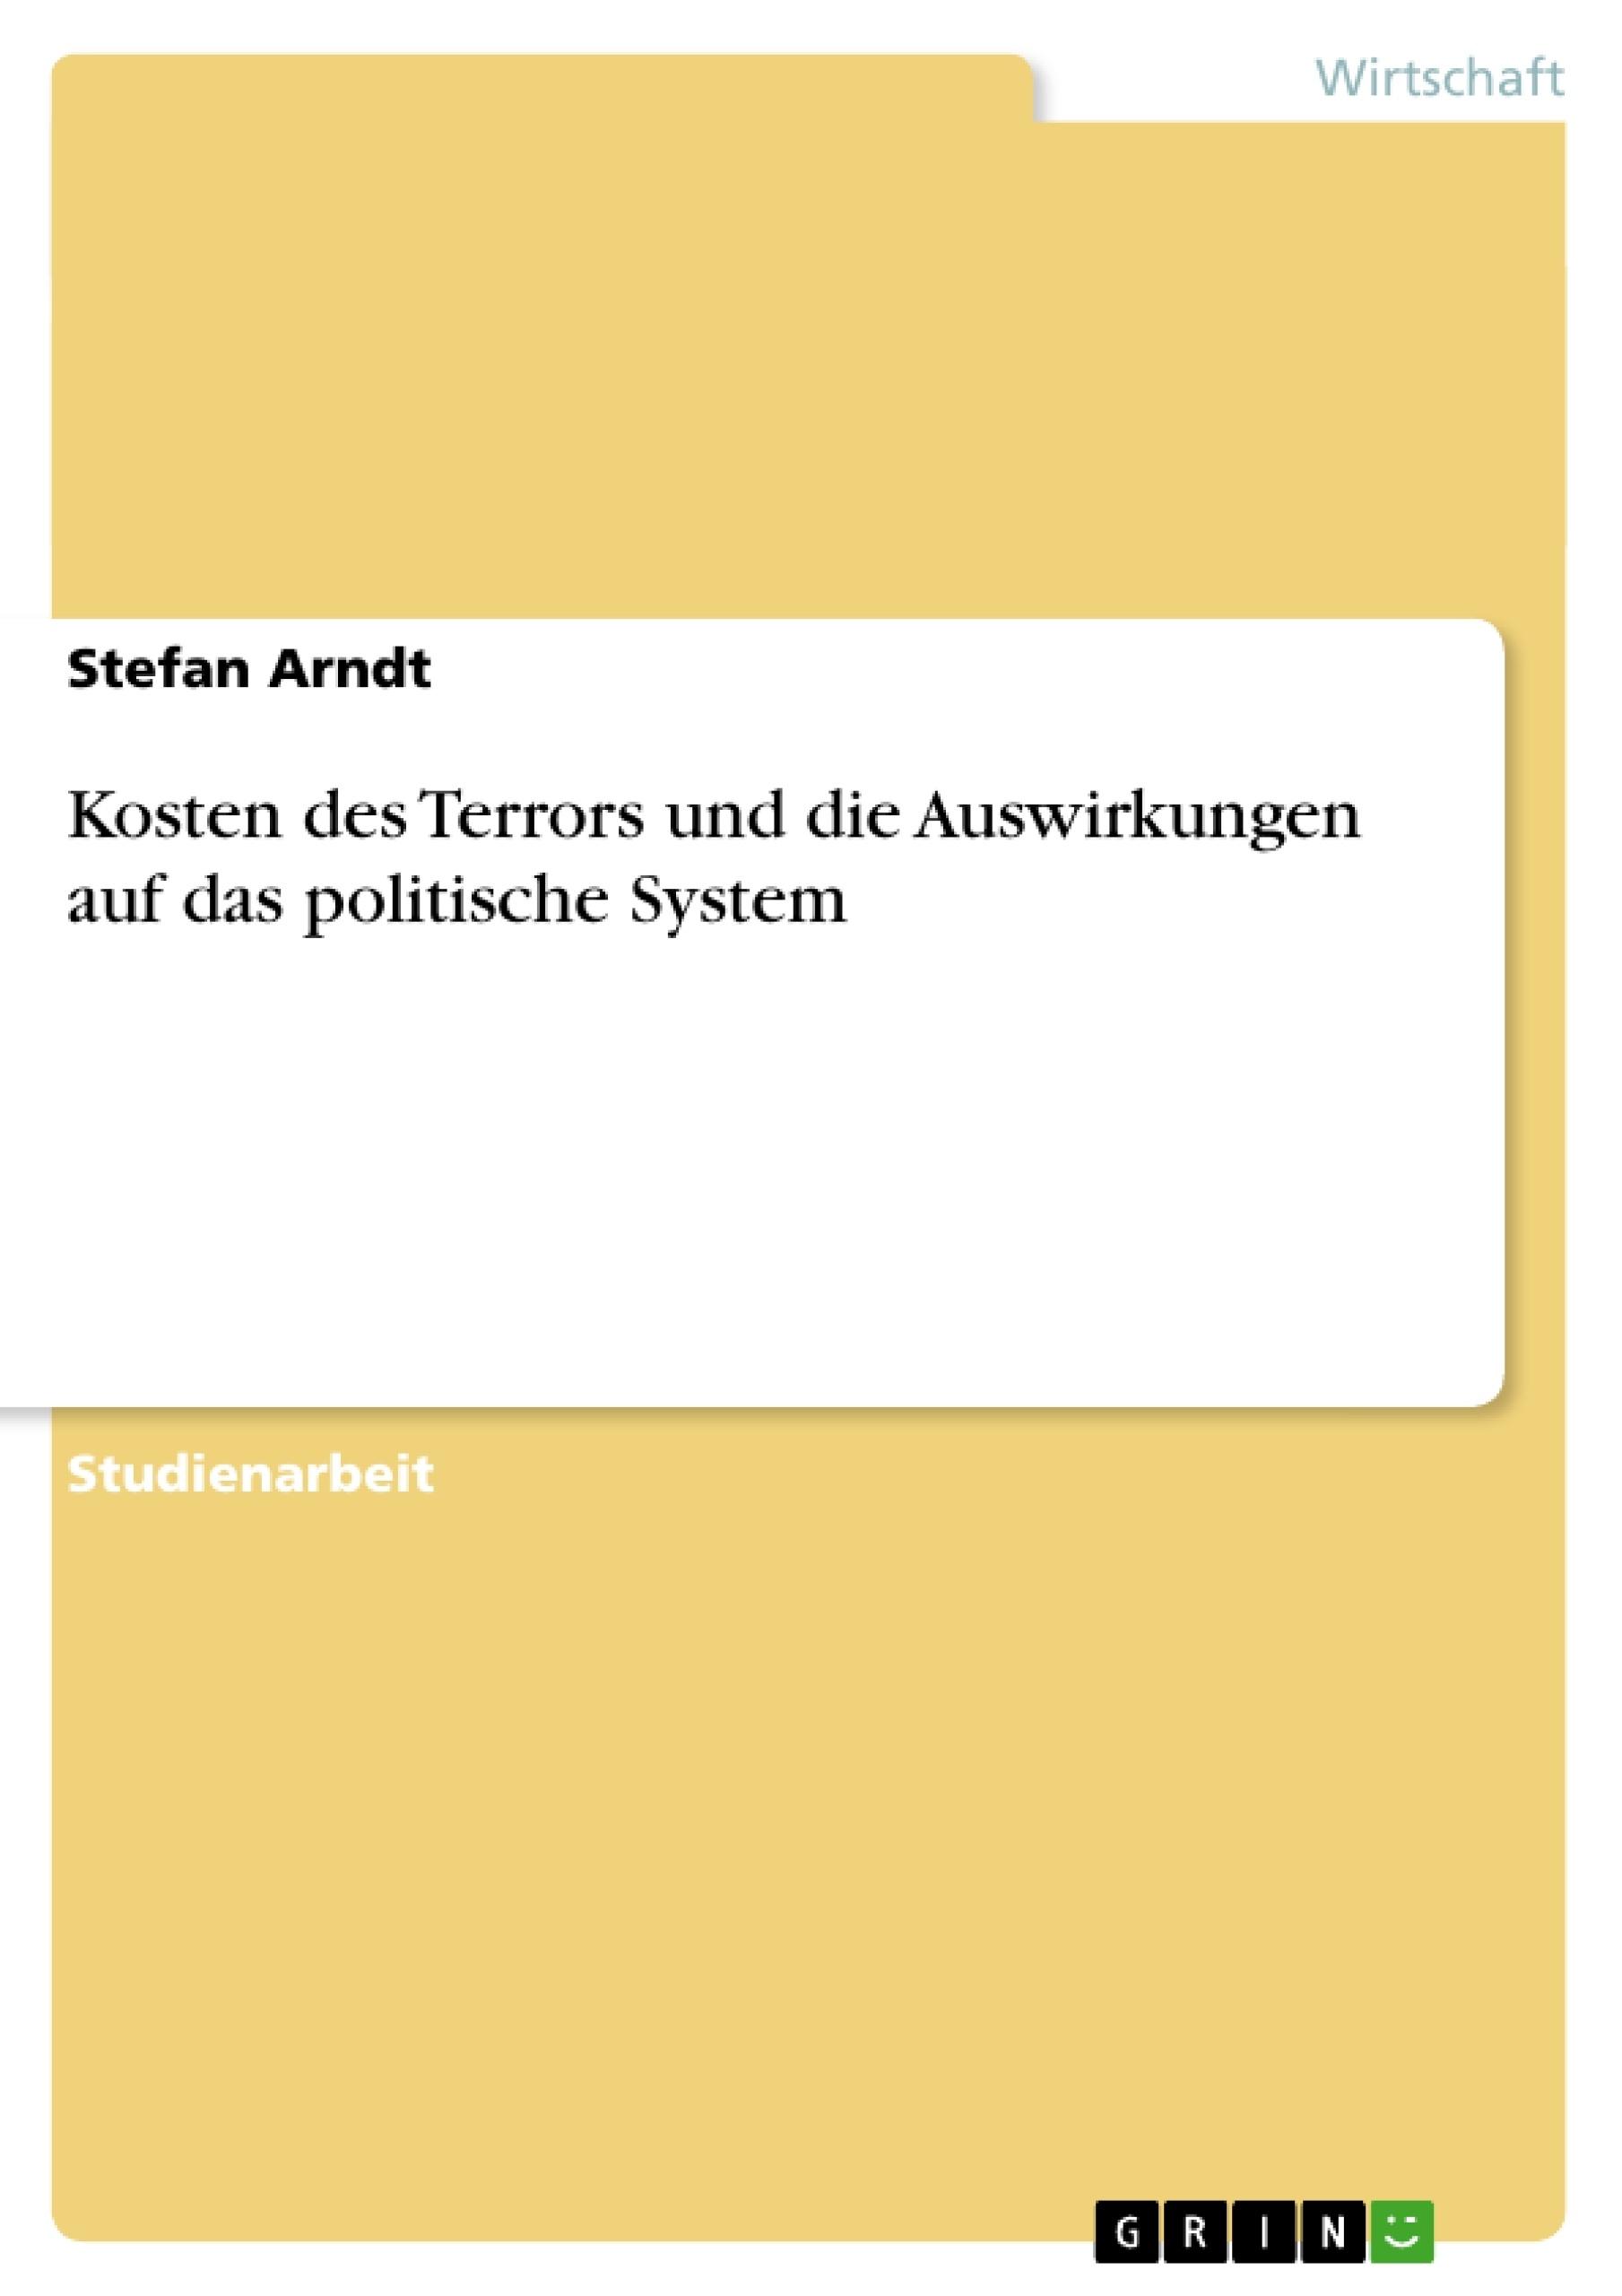 Titel: Kosten des Terrors und die Auswirkungen auf das politische System